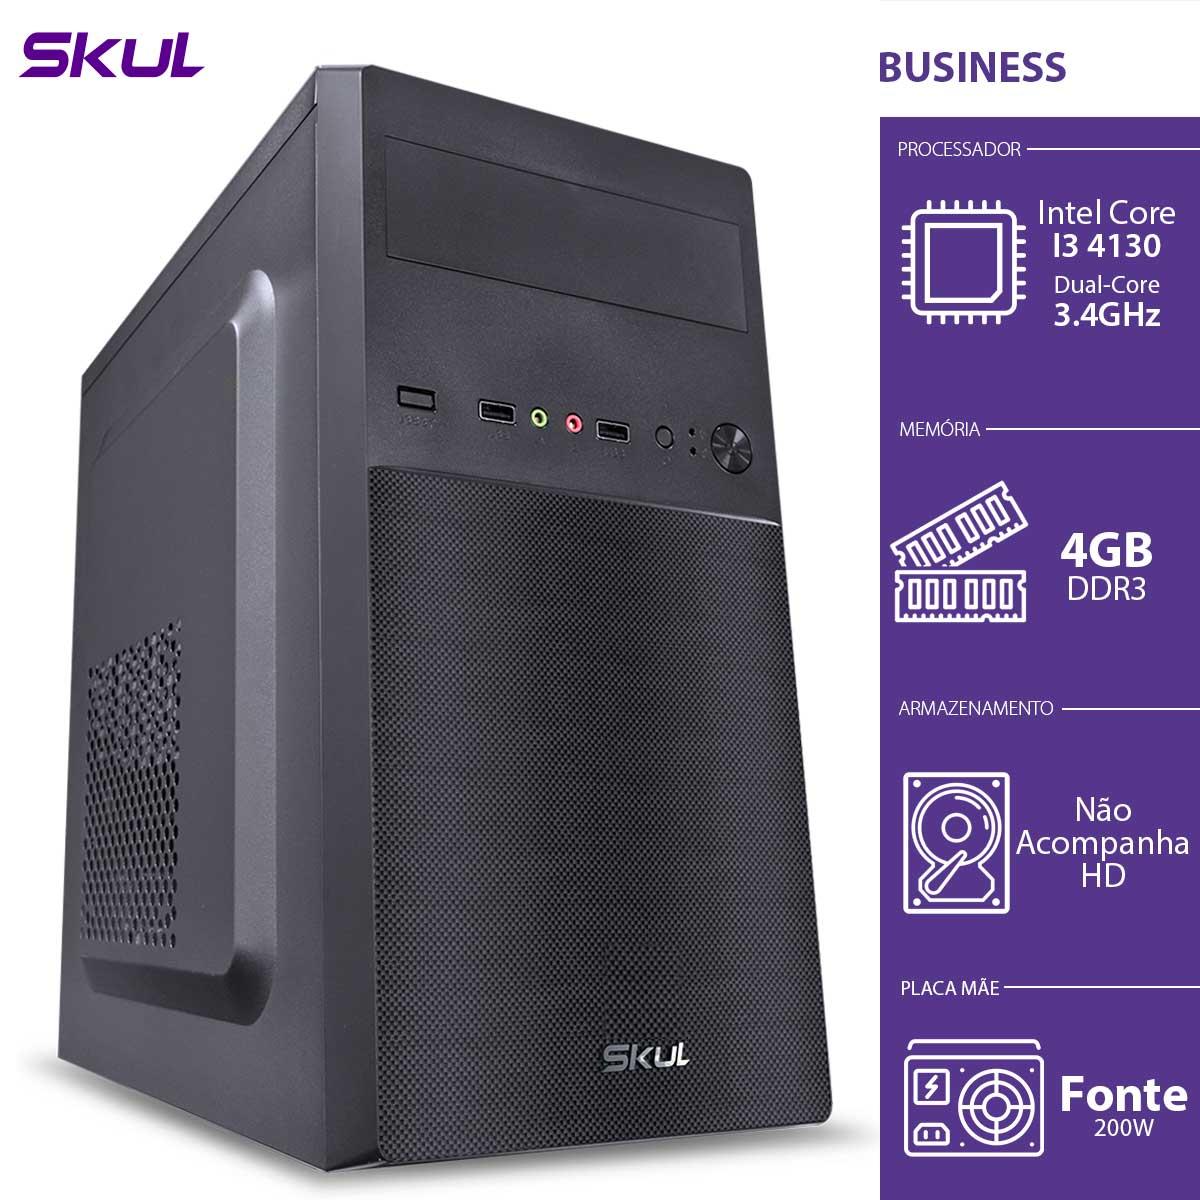 Computador Business B300 - I3-4130 3.4GHZ 4GB DDR3 sem HD HDMI/VGA Fonte 200W - B41304